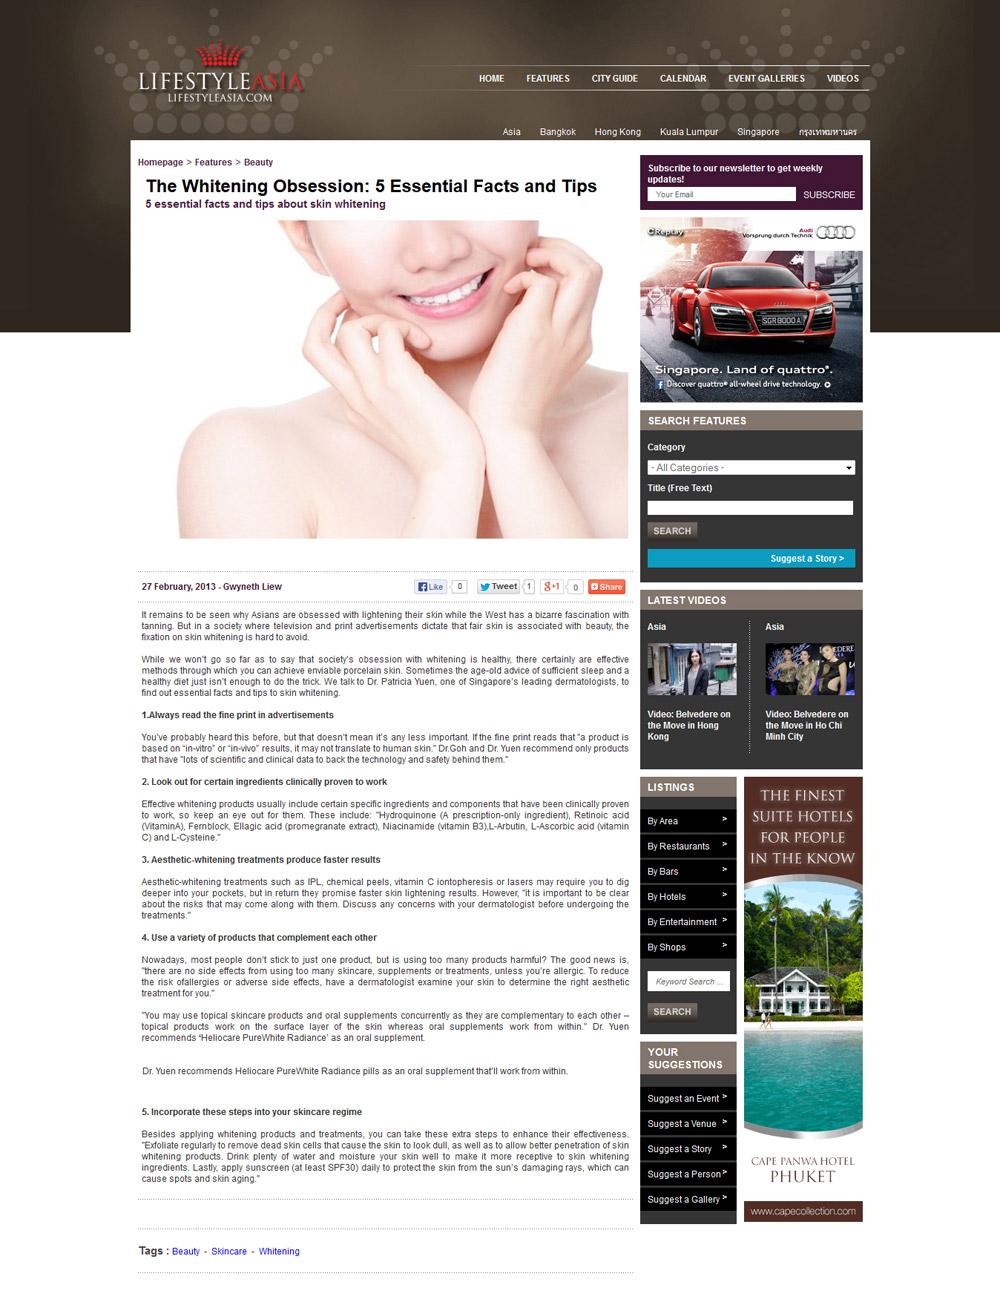 2013-02-27-Lifestyleasia